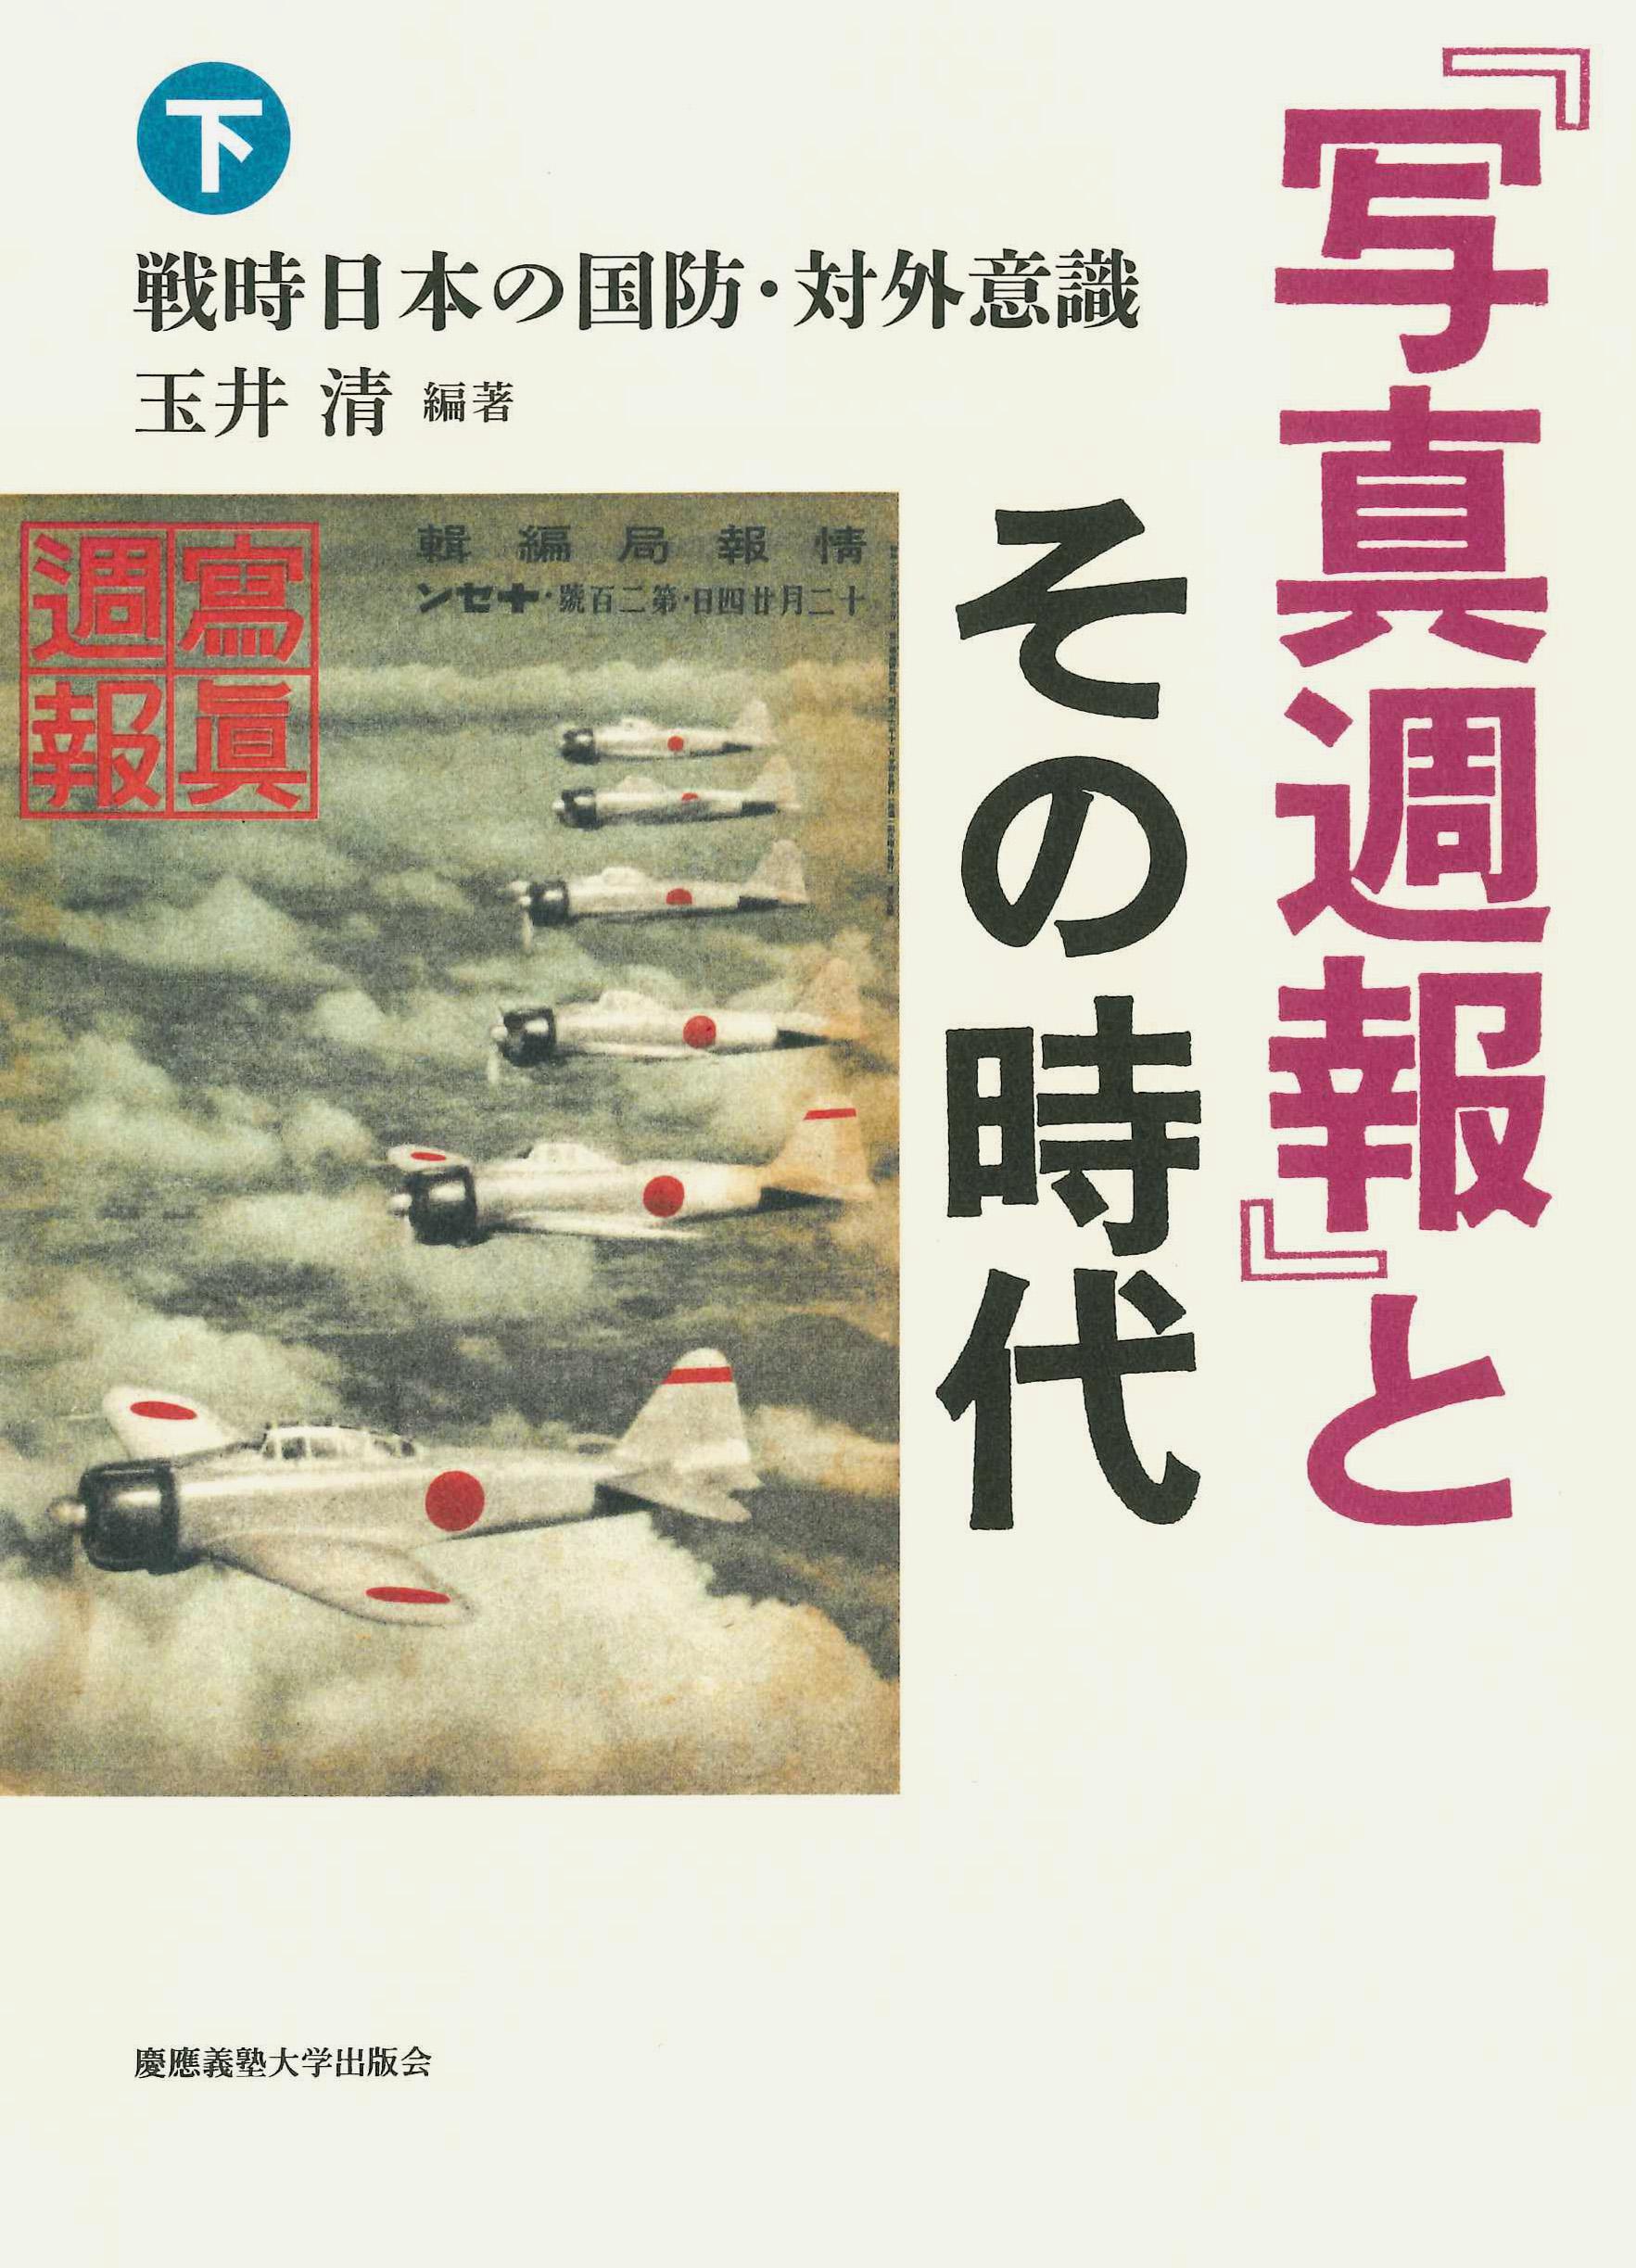 『写真週報』とその時代(下)  ――戦時日本の国防・対外意識 玉井 清編著